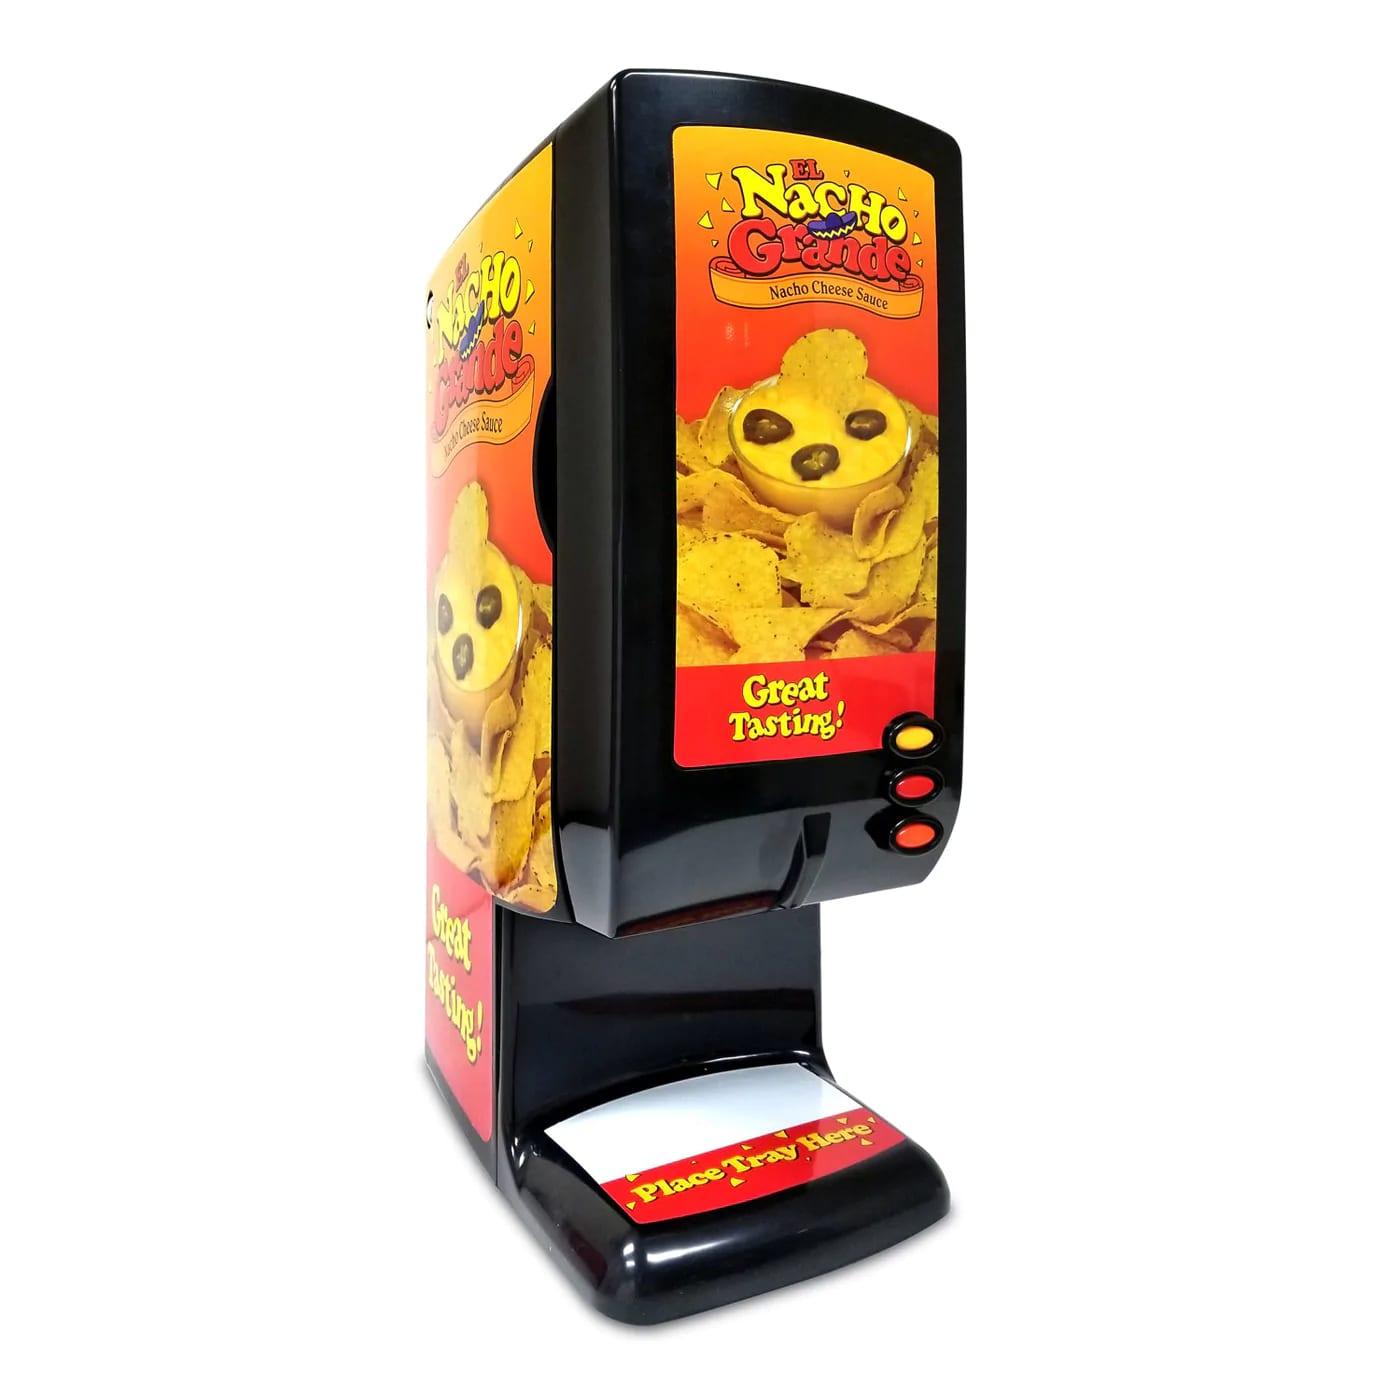 Gold Medal 5300 El Nacho Grande Bag Cheese Dispenser w/ 3-Button & Air-Tight Controls